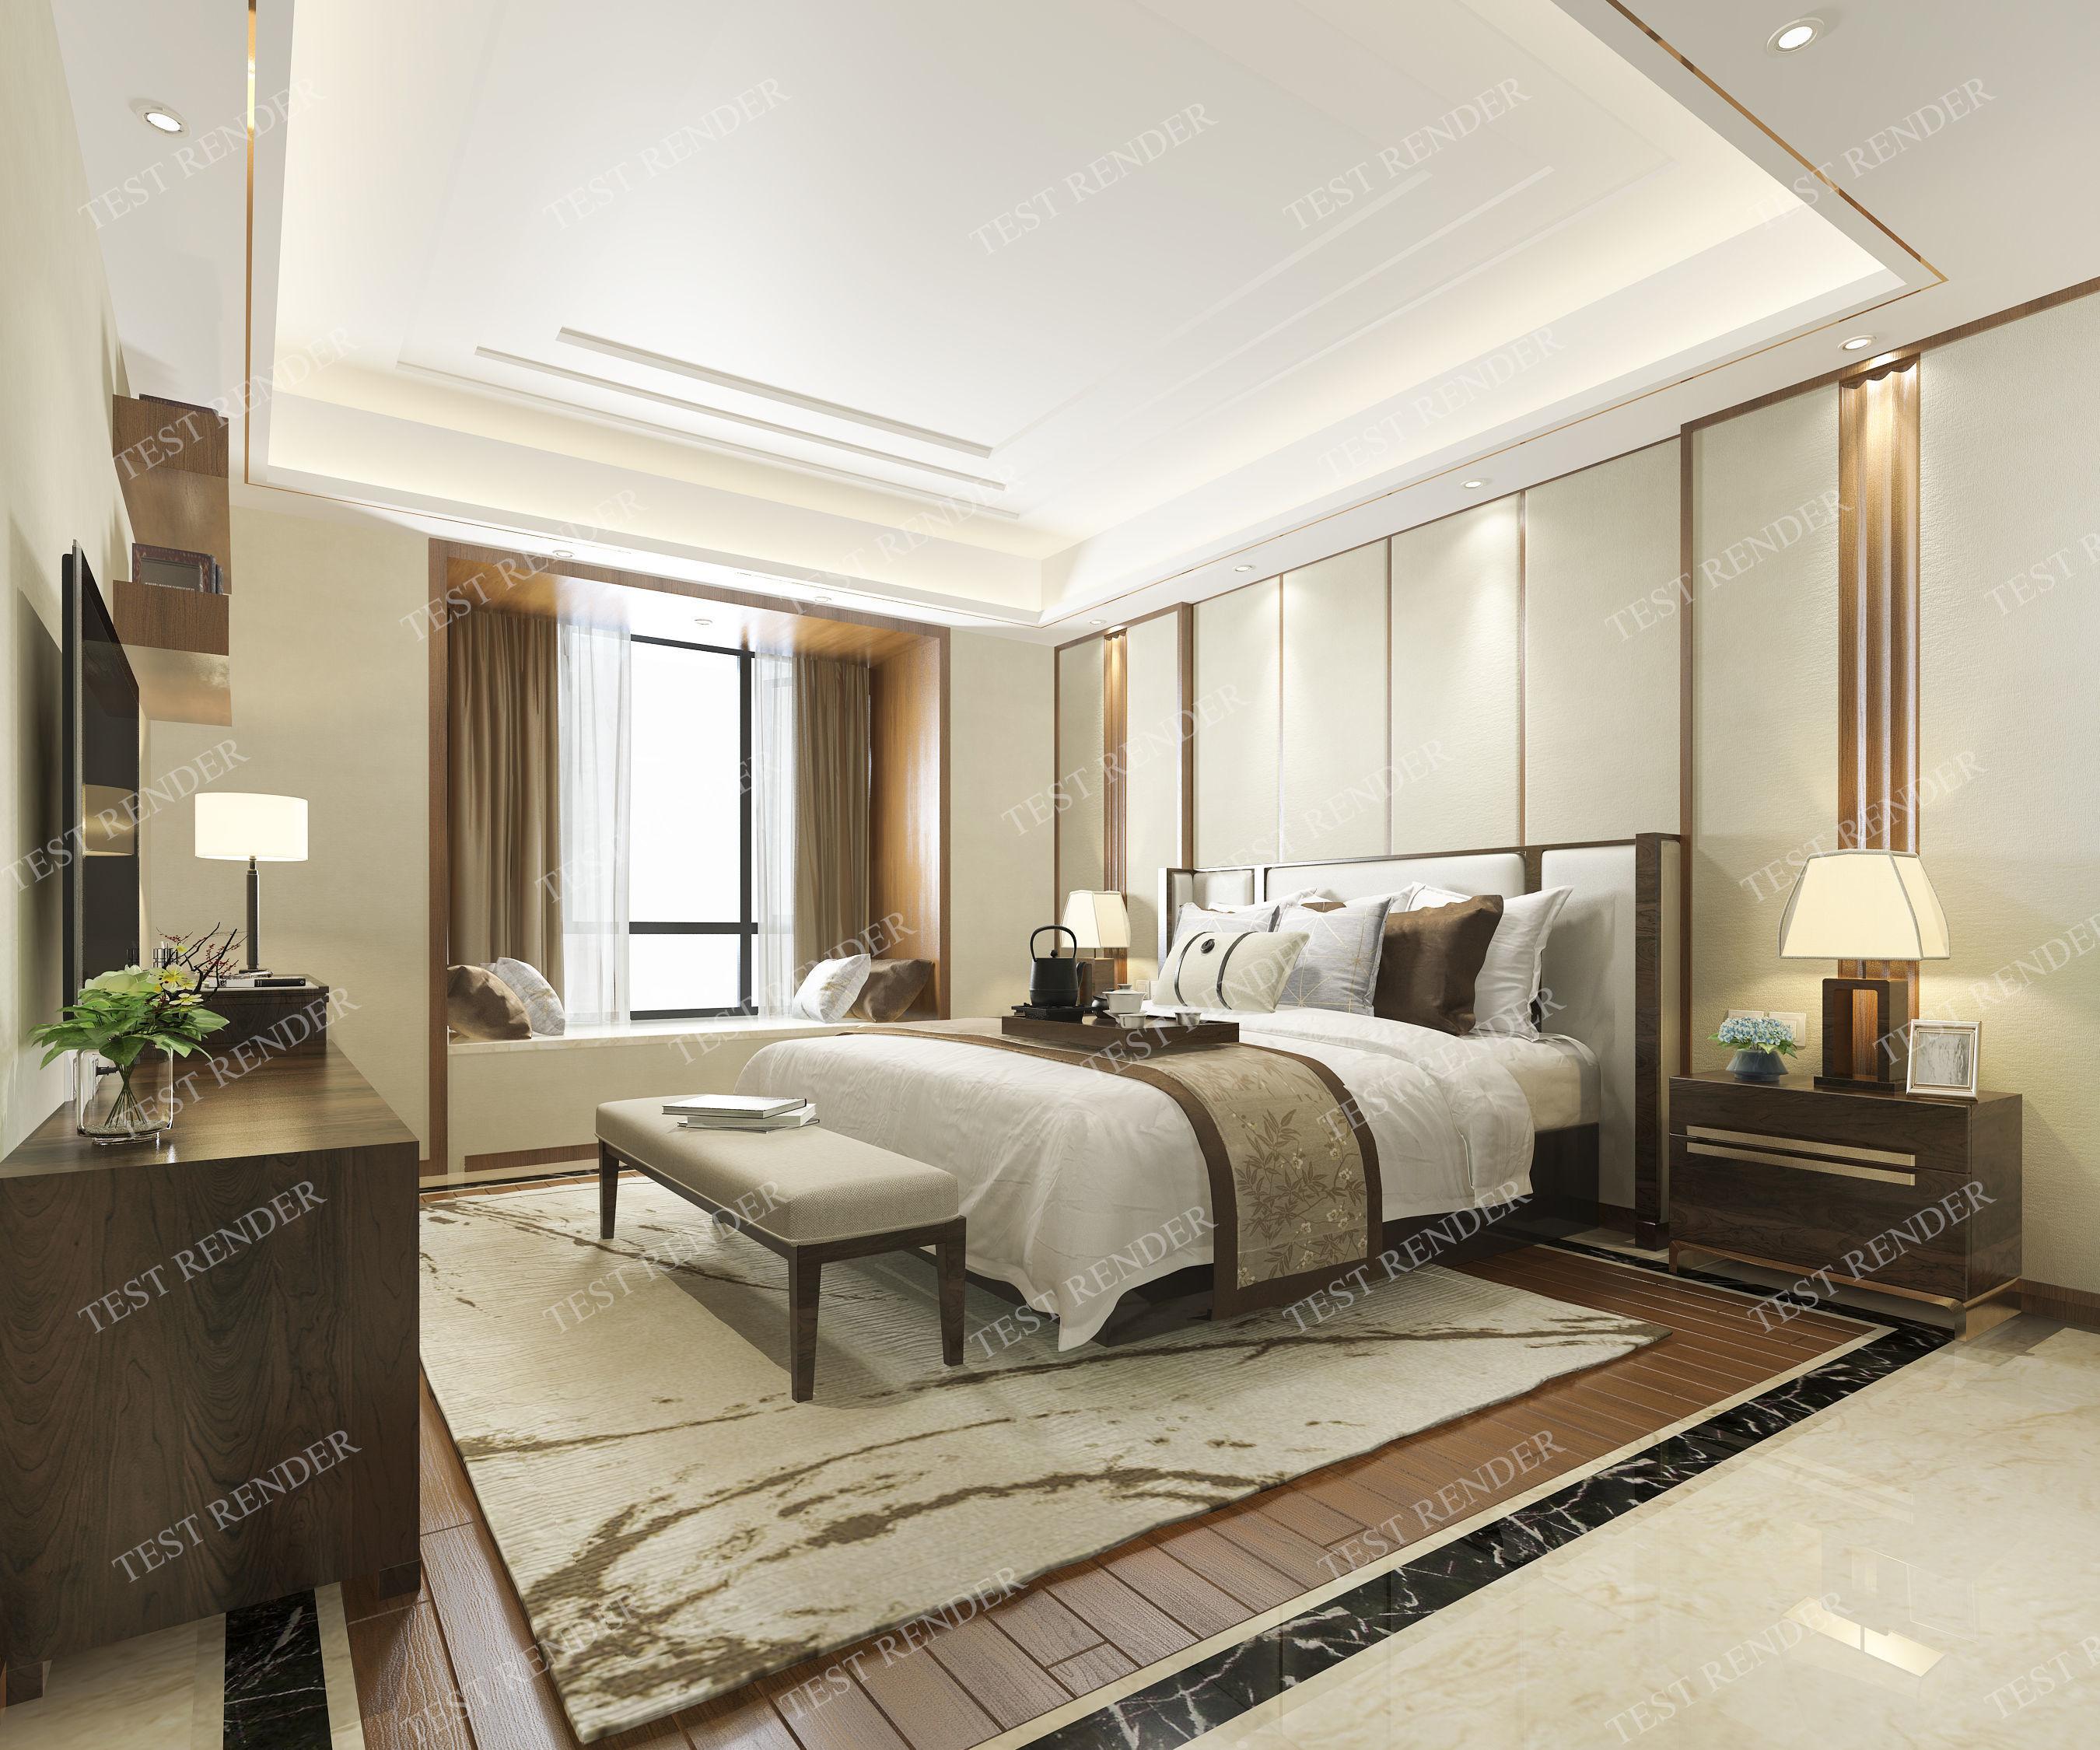 luxury classic modern bedroom suite in hotel window 3D